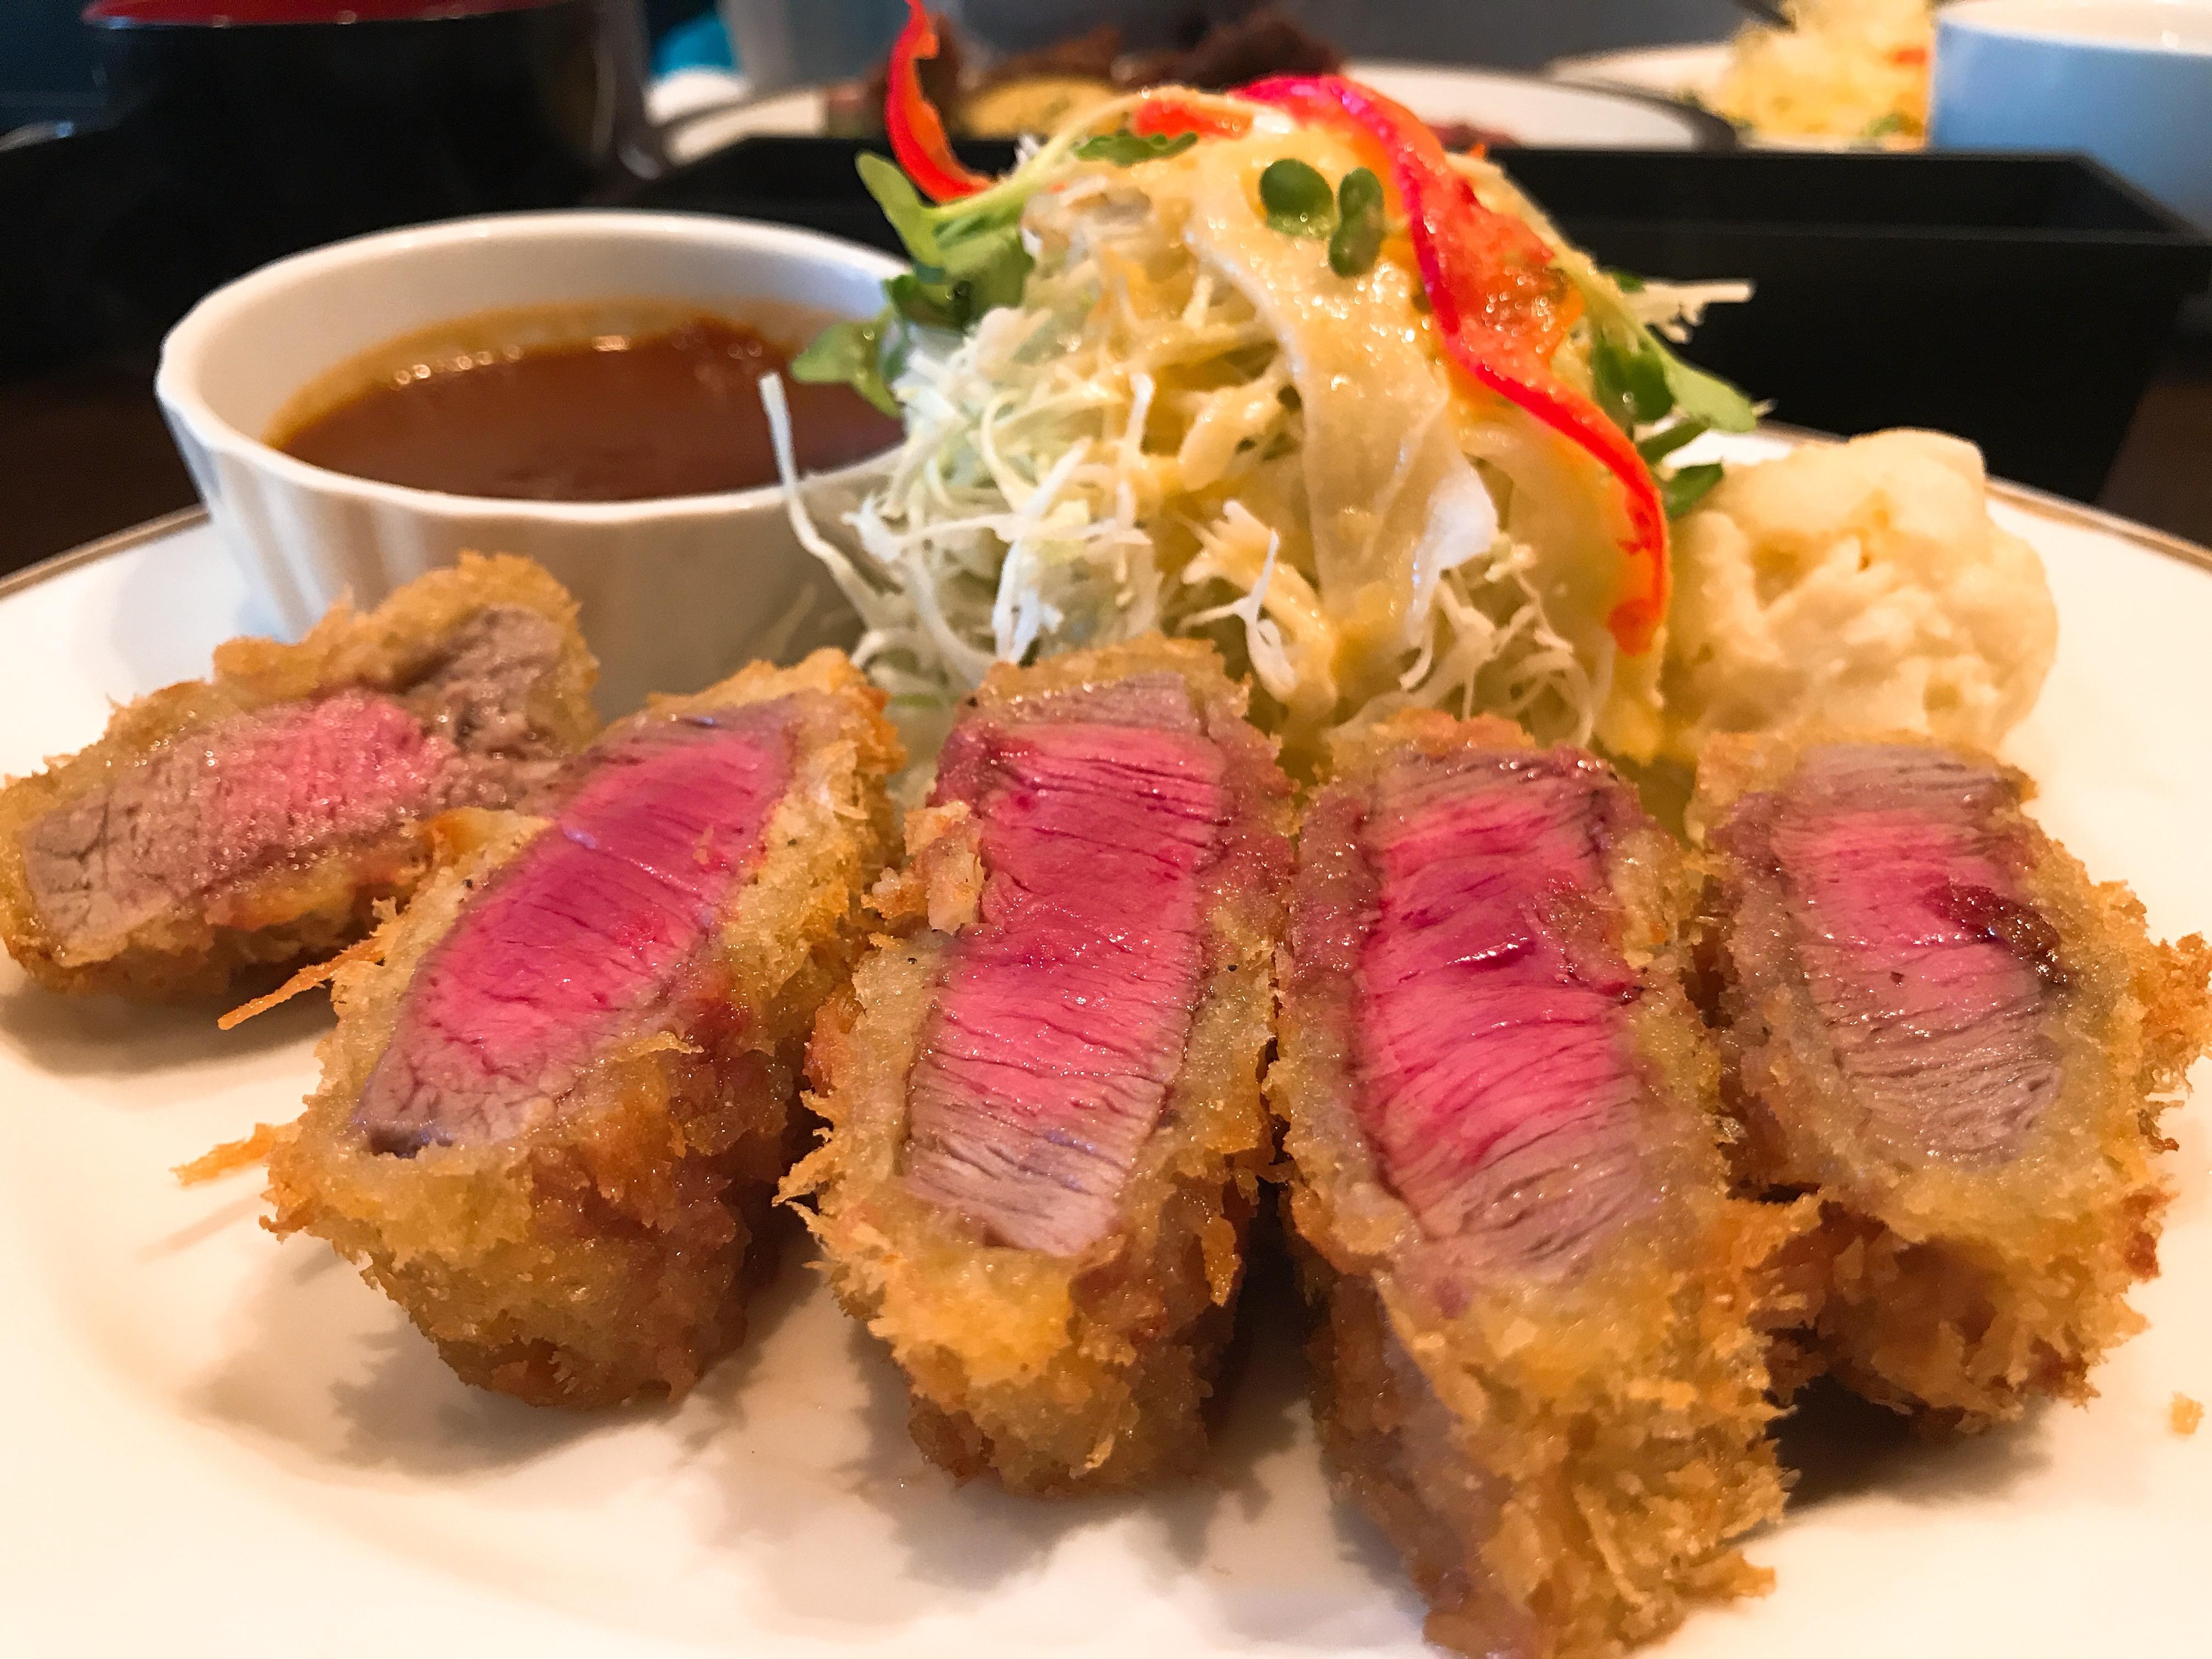 岩屋駅徒歩3分『洋食屋SAEKI』行ってきました♪すごく美味しくてコスパも最高のお店